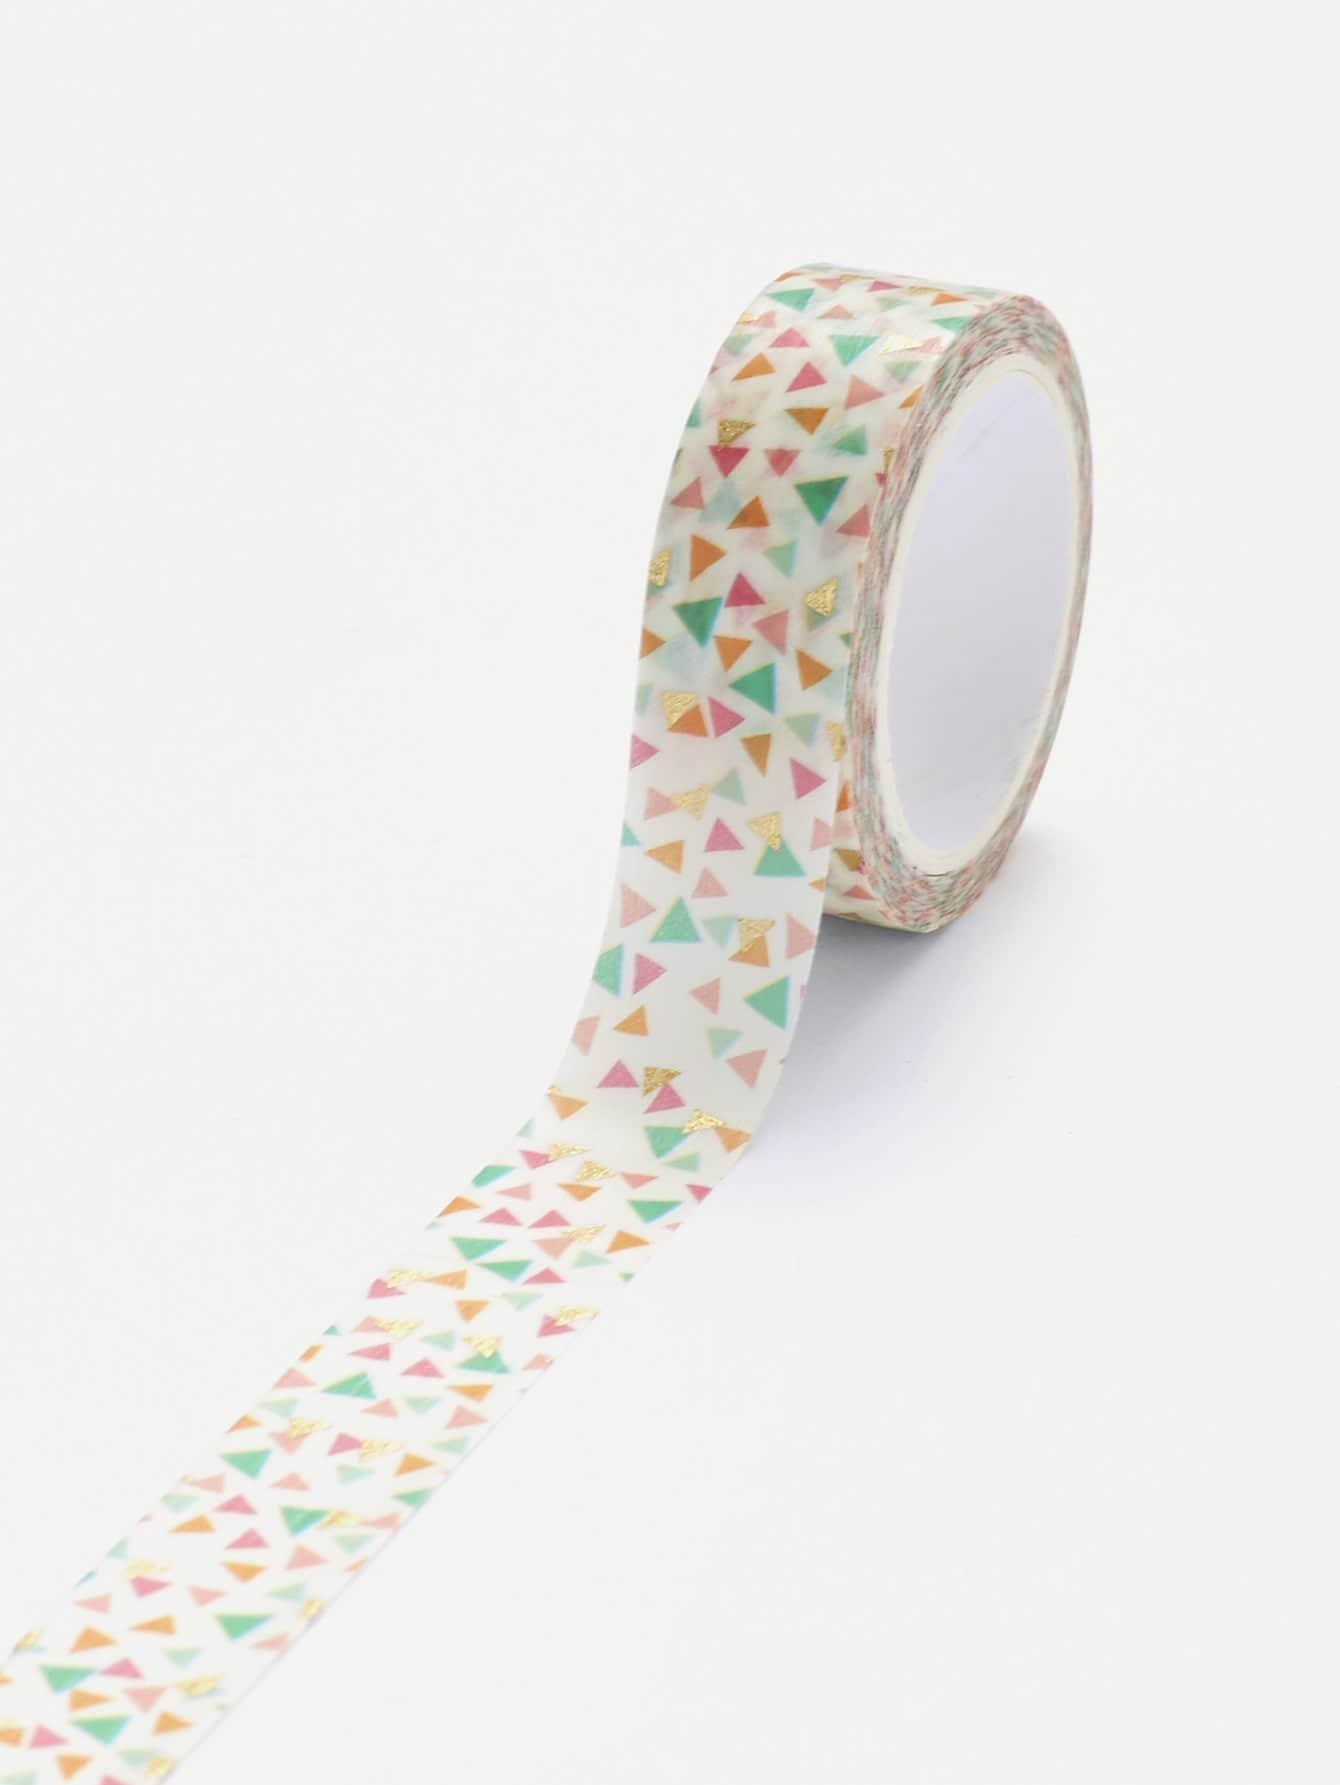 Triangle Print Masking Tape metallic masking tape